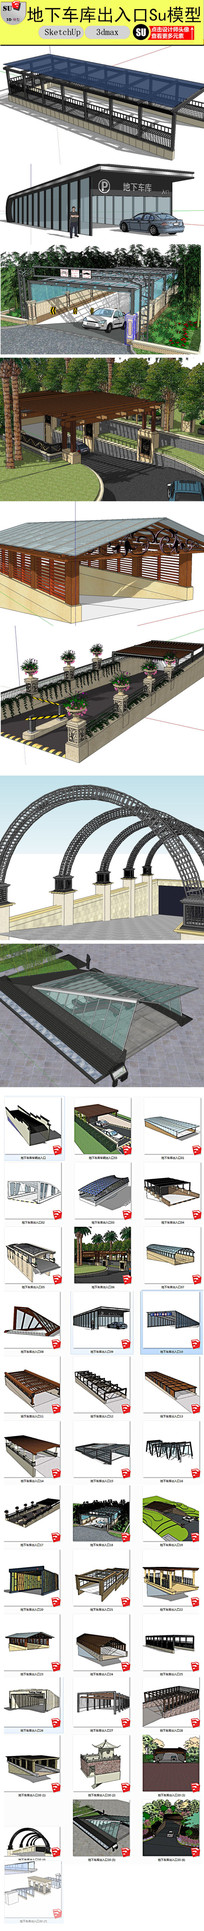 小区地下停车场入口SU模型